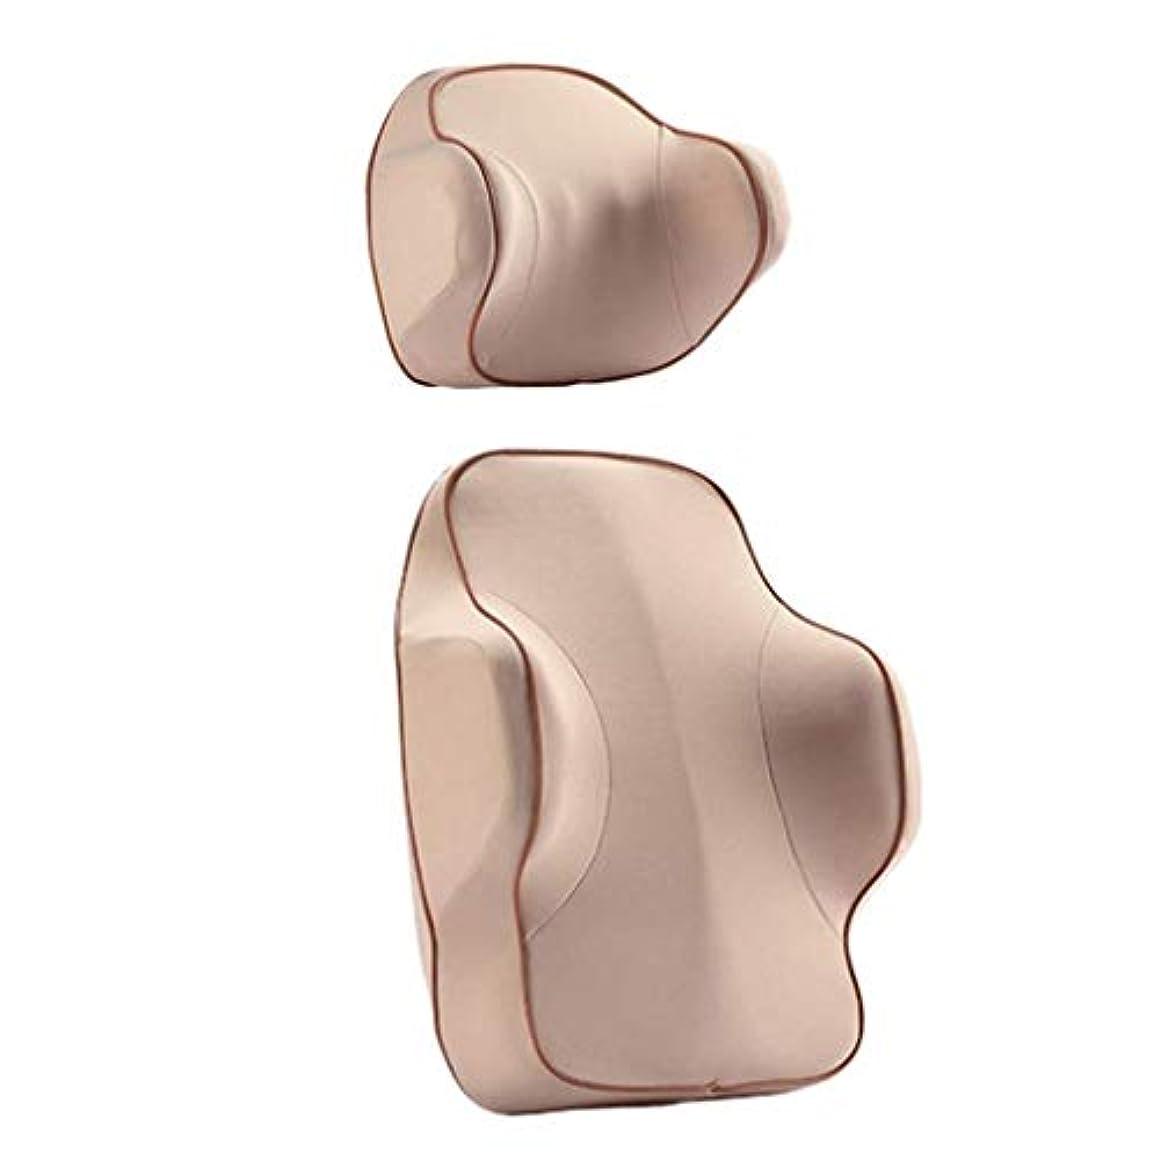 イブノーブル工業化する腰椎枕と首枕 - 思い出のコットン首腰椎パッド、車内、腰と首の疲れと痛みを軽減し、長距離運転のオフィスに最適 (Color : Beige)